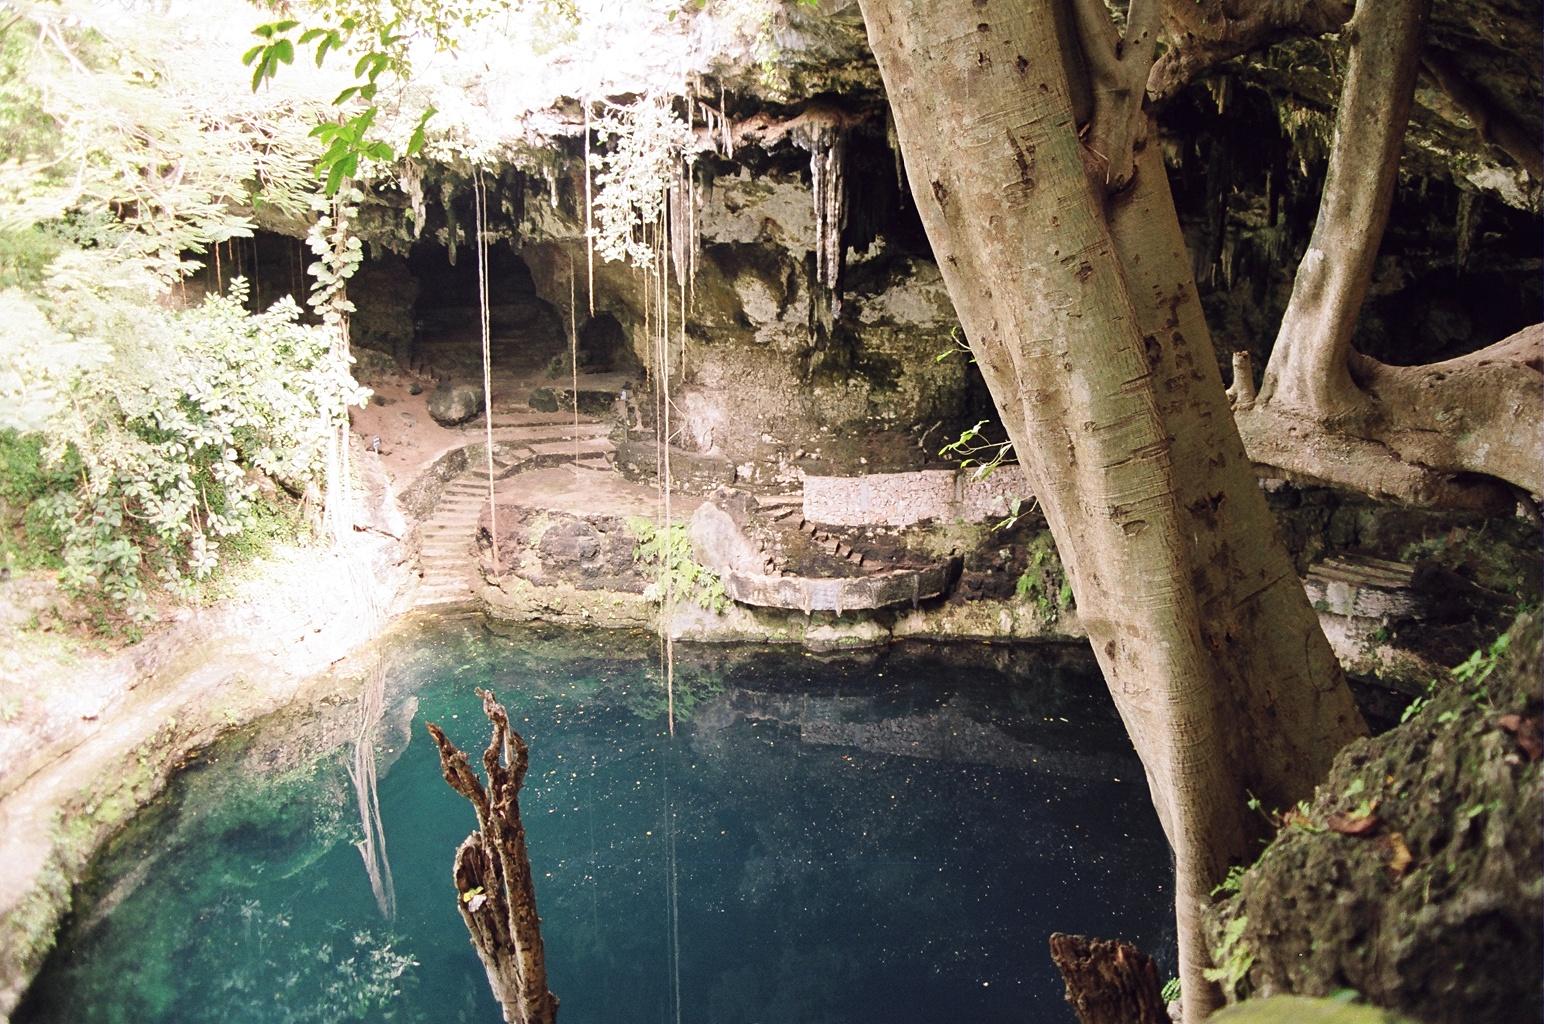 Cenote Zaci, Valladolid, Q. Roo, Mexico. Fuente: Wikipedia